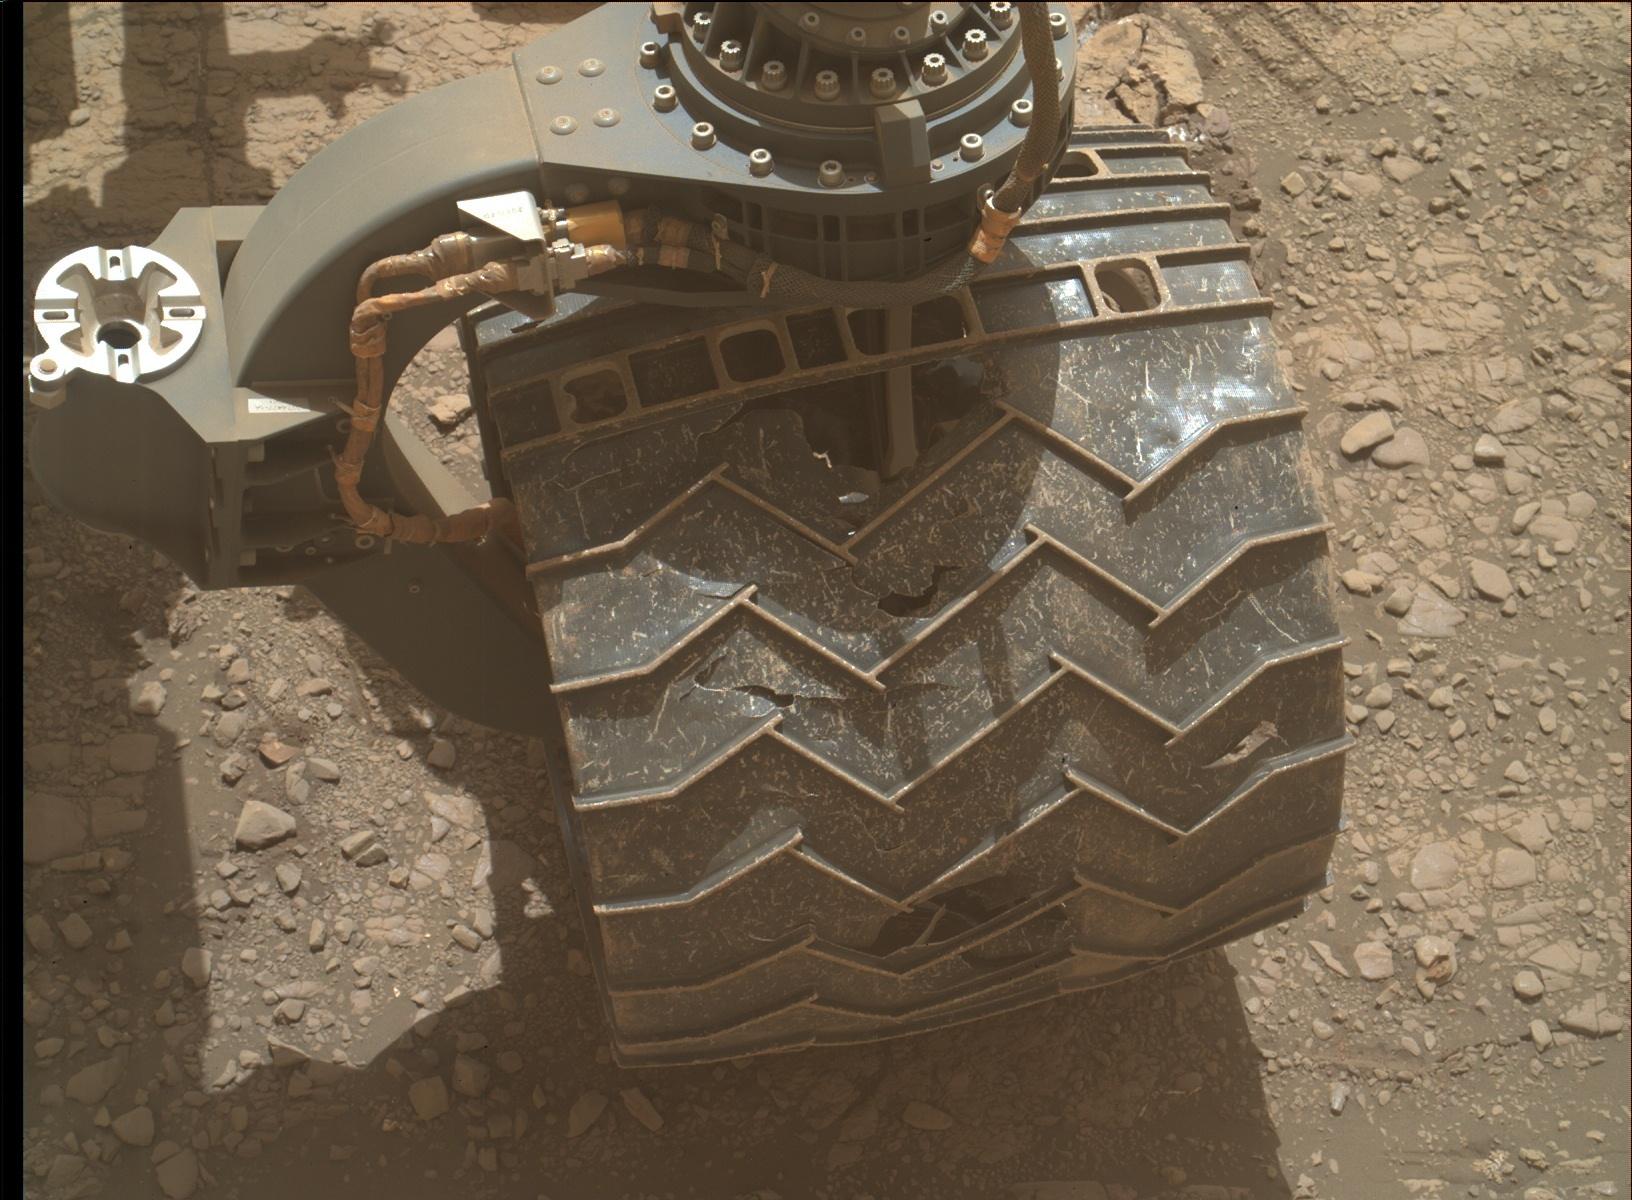 MARS: CURIOSITY u krateru  GALE Vol II. - Page 44 2459MH0007710010902106E01_DXXX